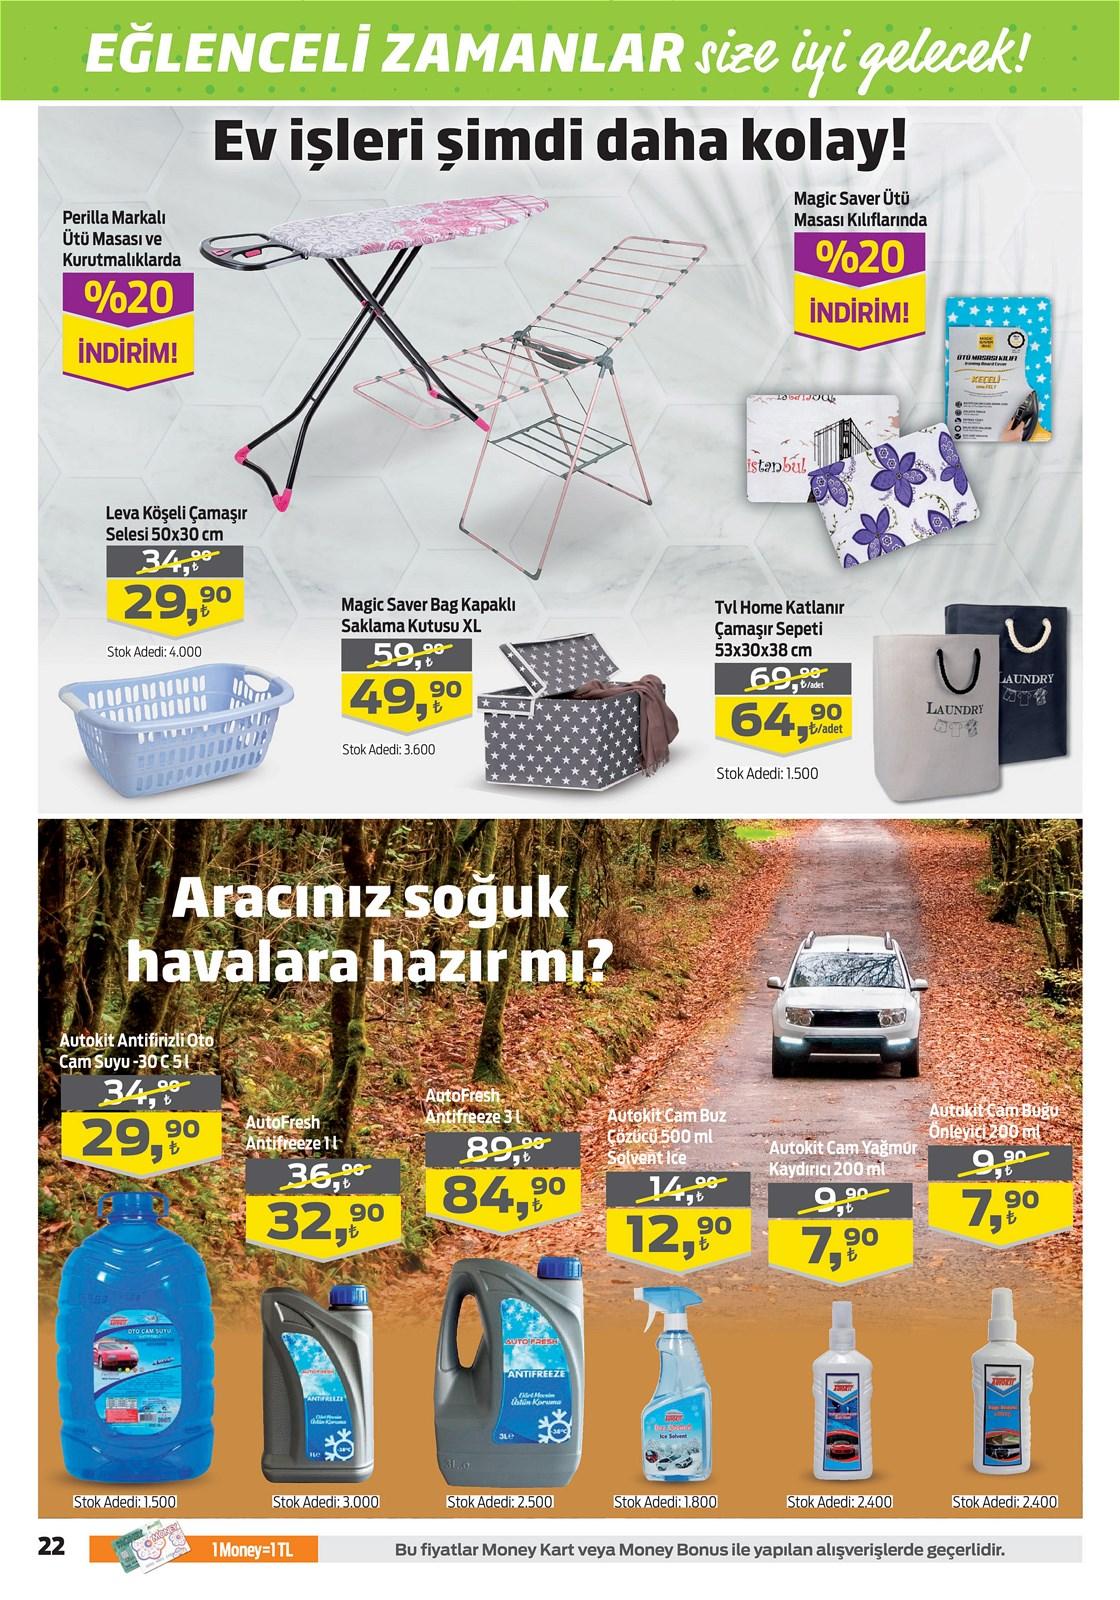 07.10.2021 Migros broşürü 22. sayfa